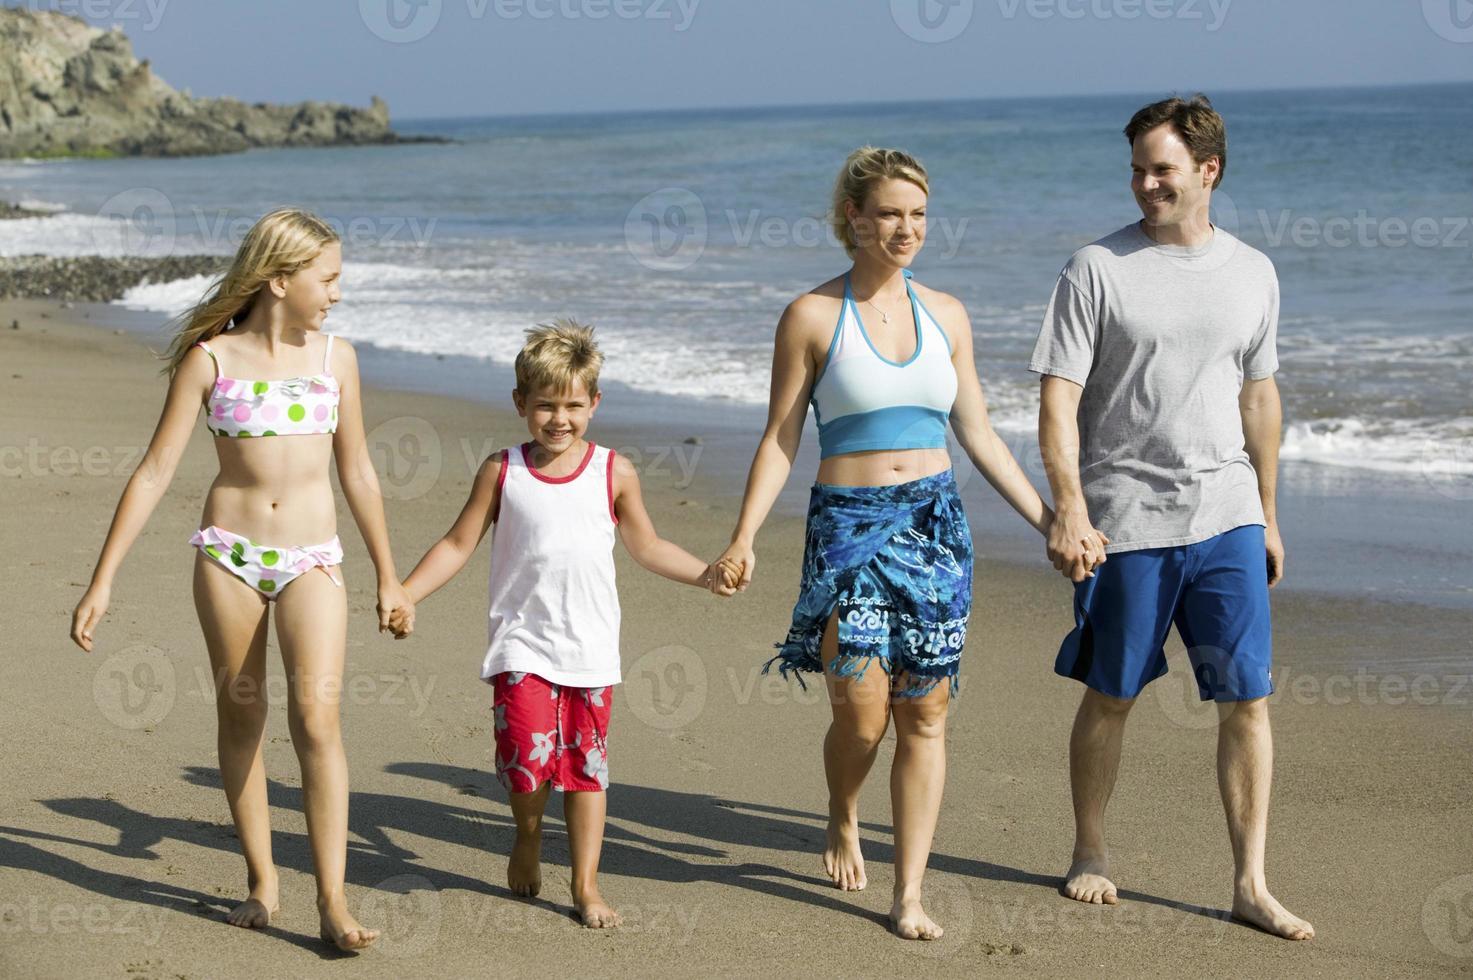 Familie Händchen haltend am Strand foto